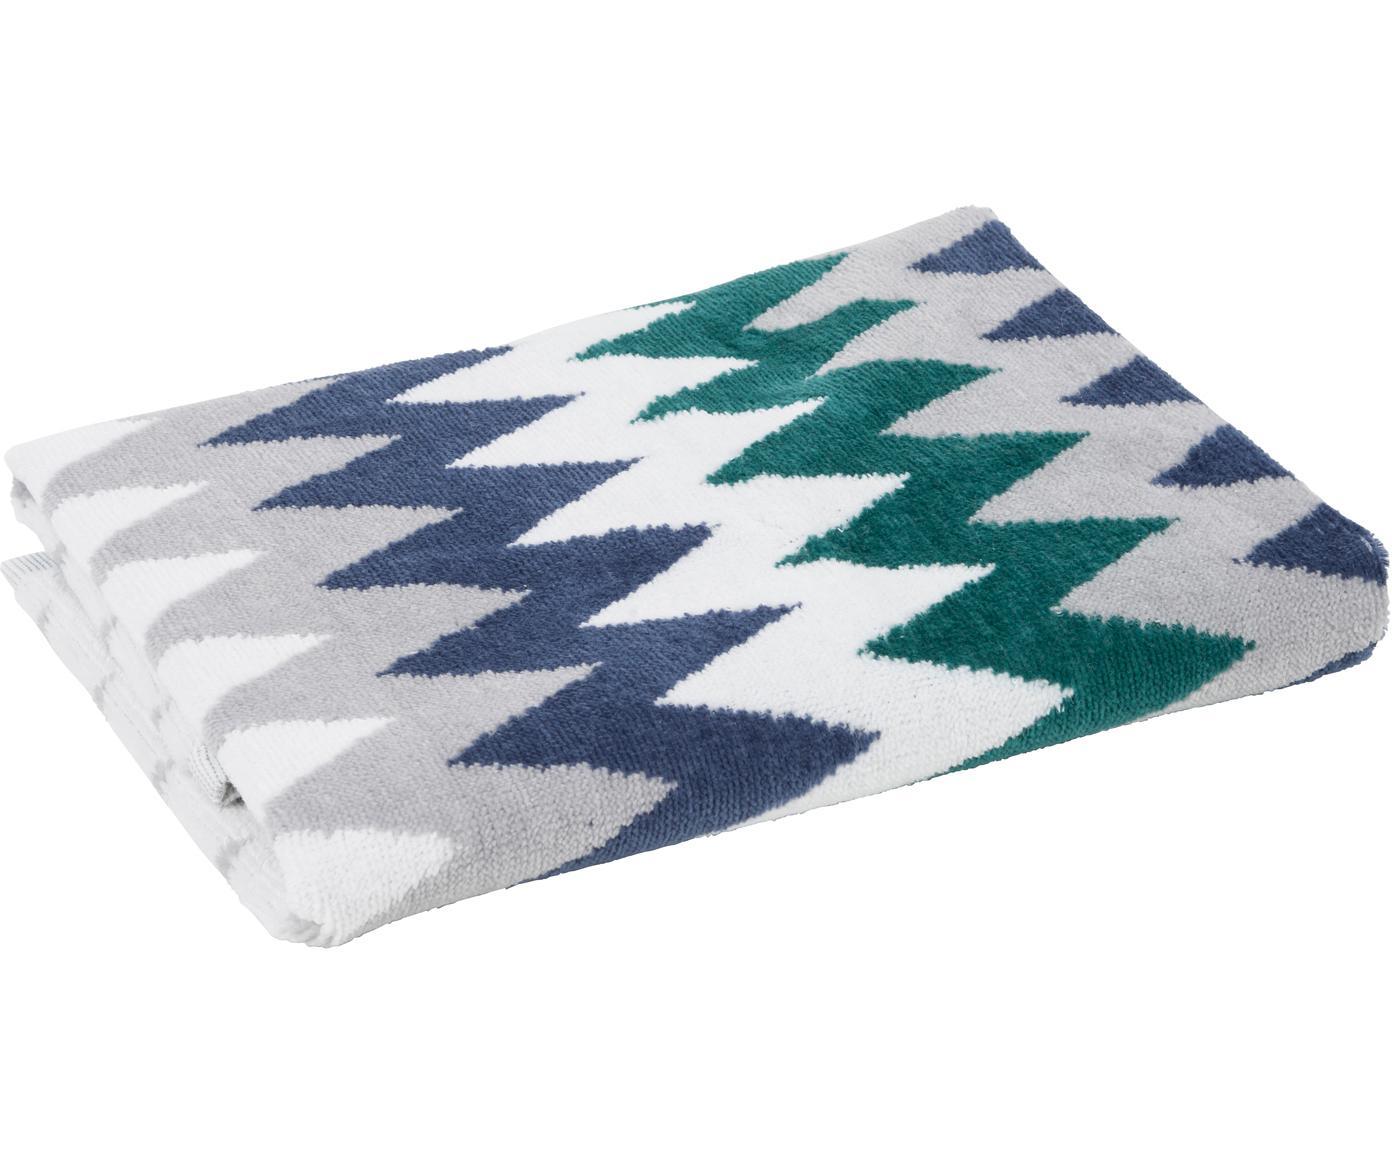 Handdoek Hanneke met zigzag patroon, Katoen, Blauw, grijs, wit, groen, Gastendoekje